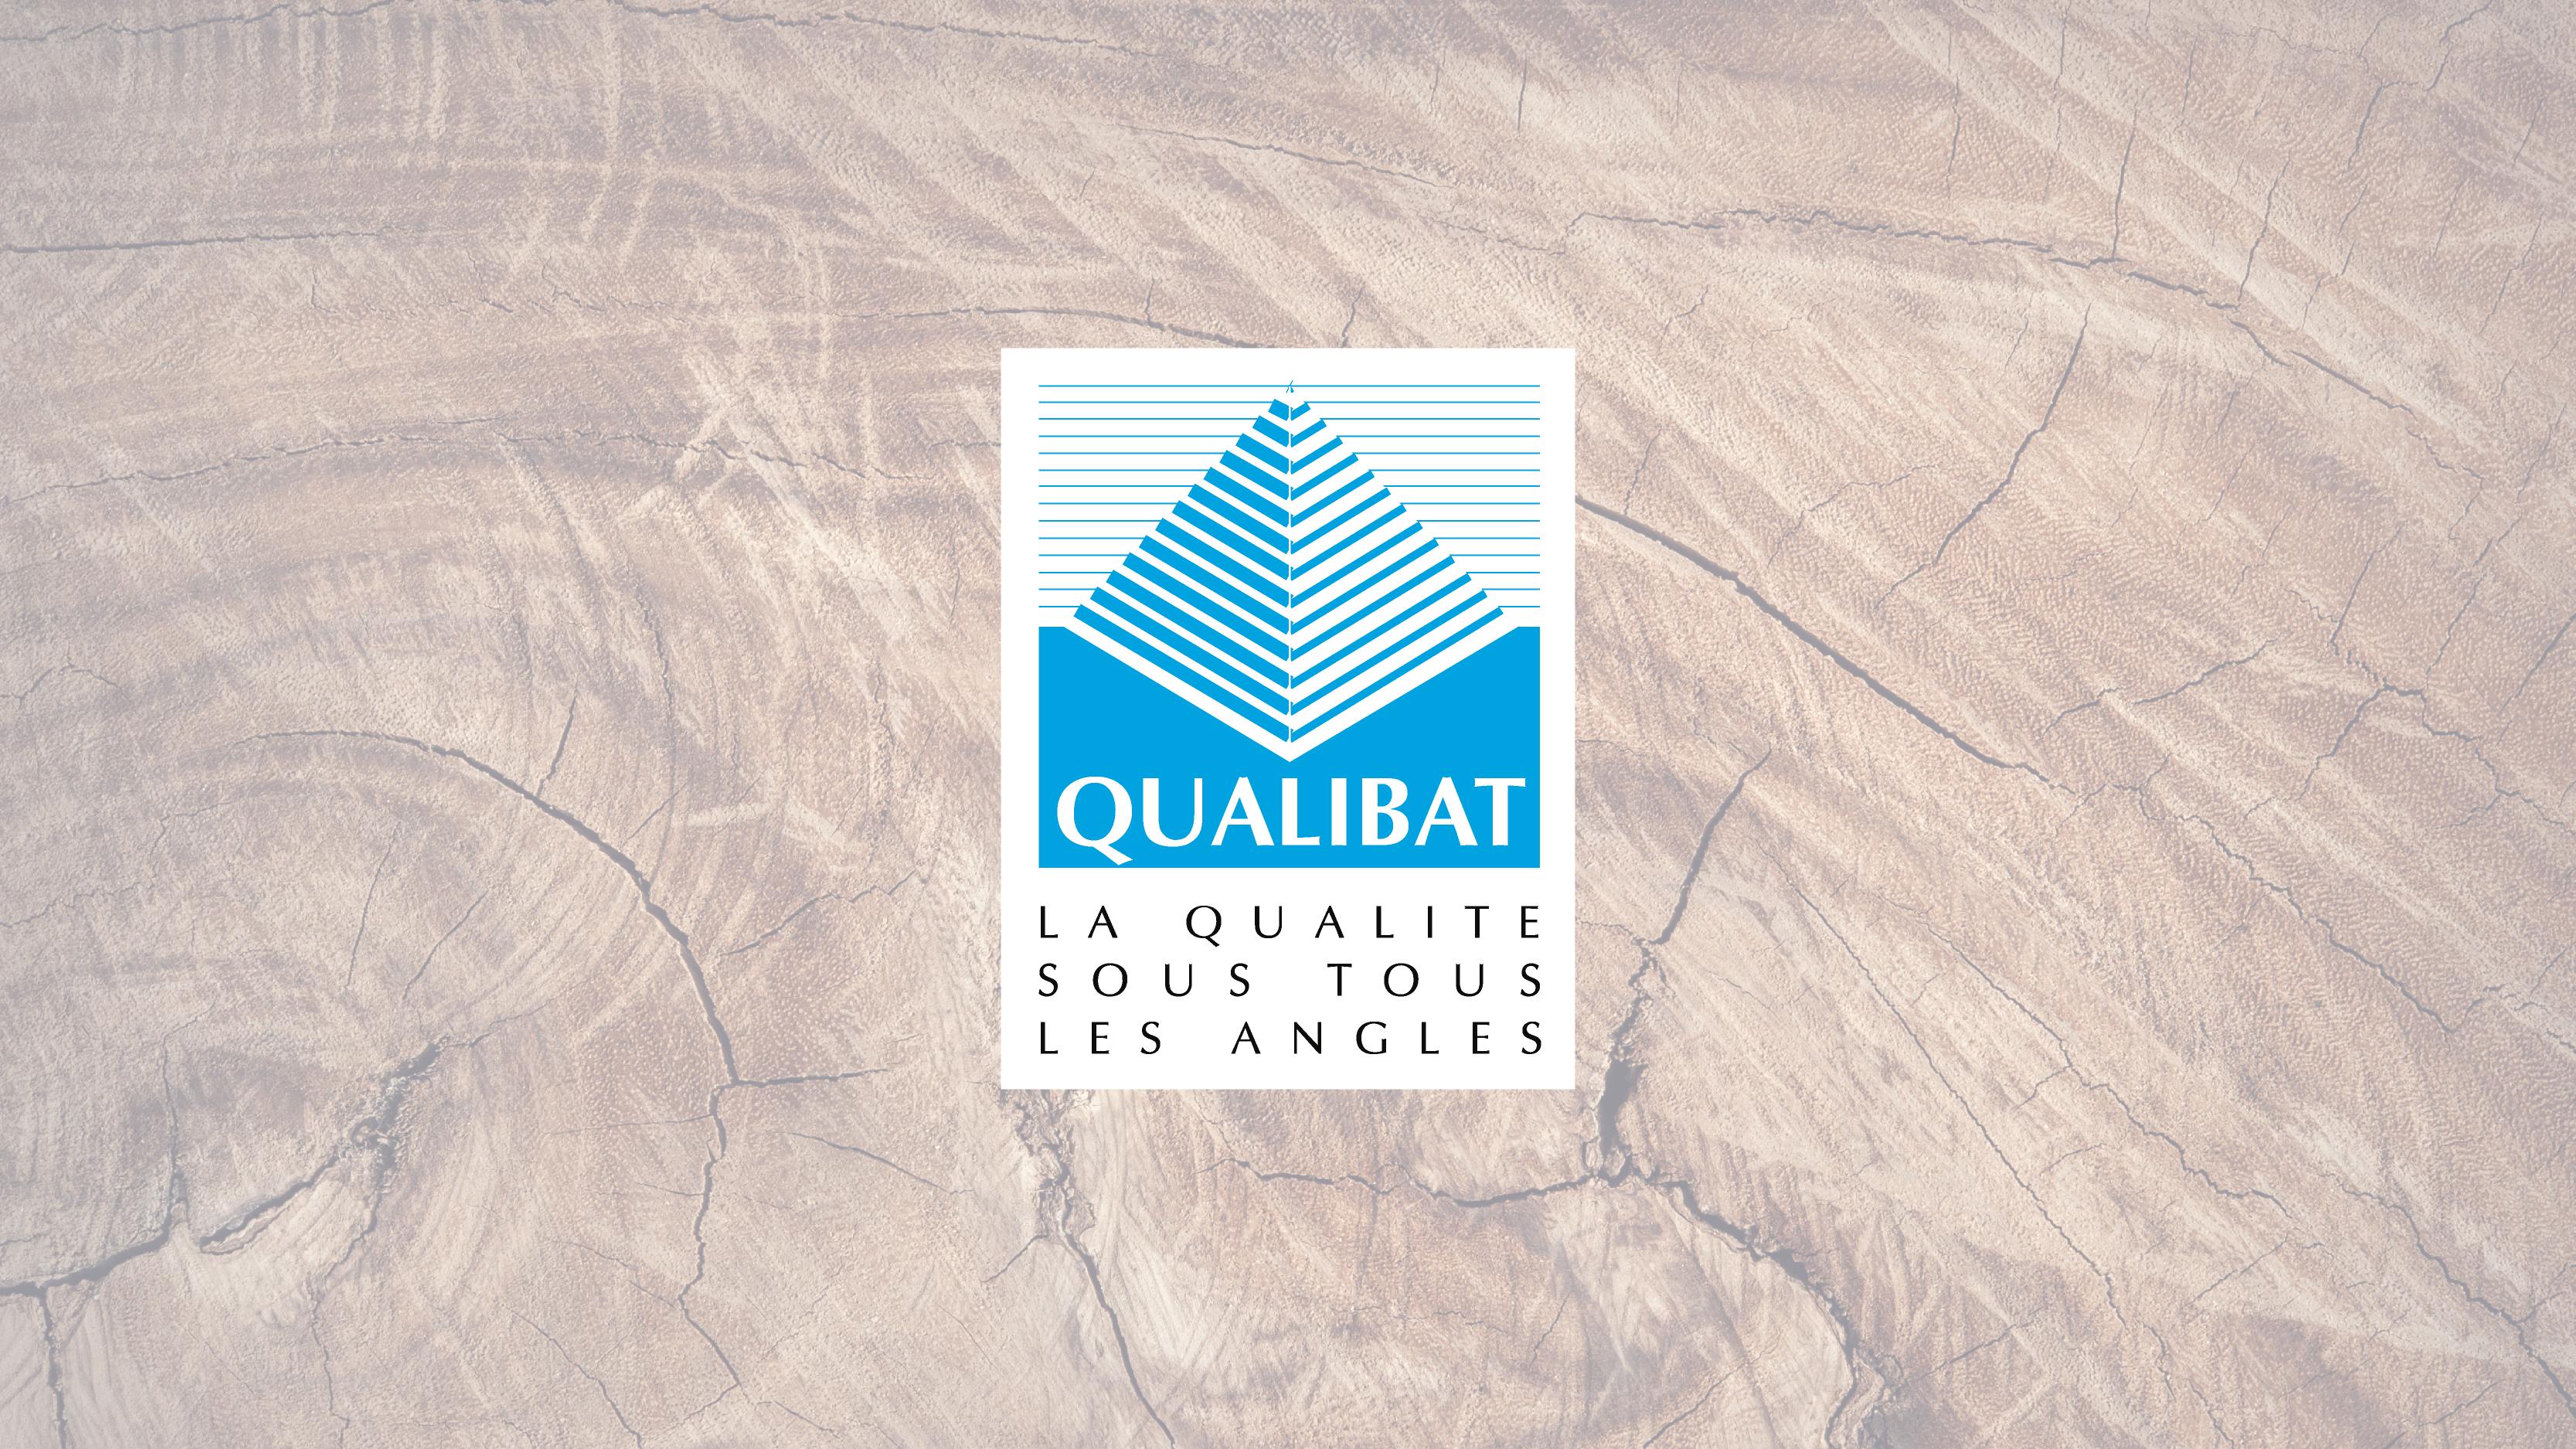 Qualibat2-01